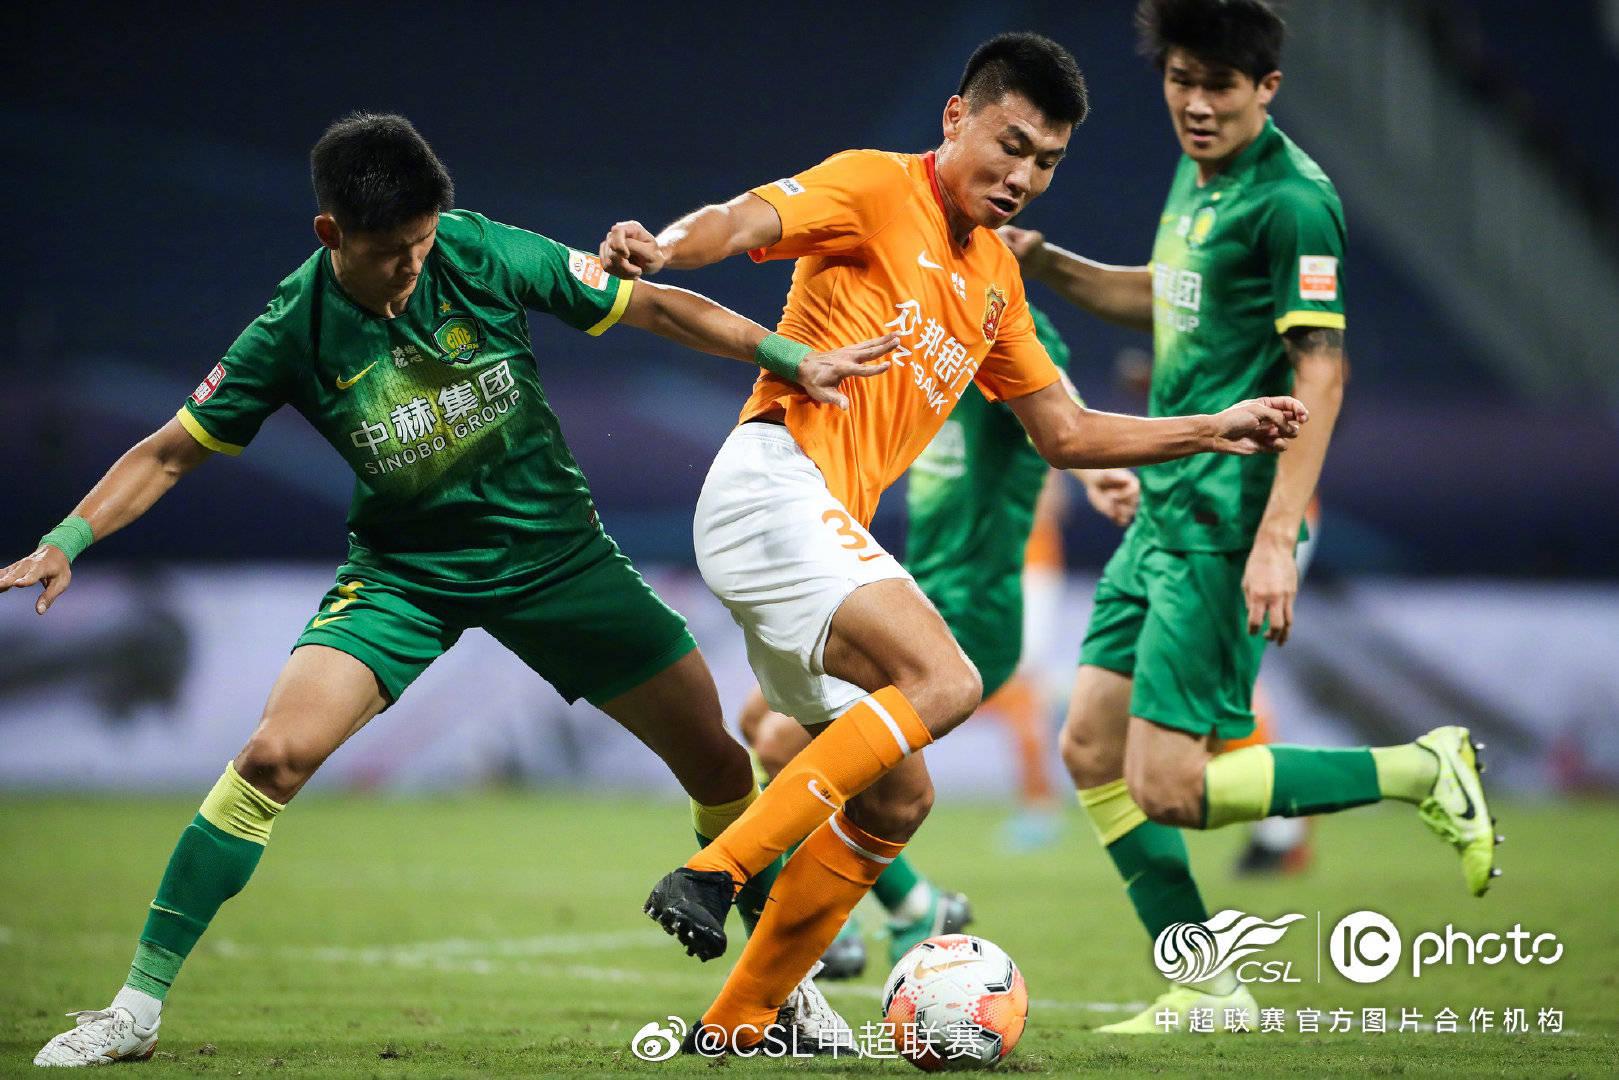 上海申花成为第一阶段抢断数最多的球队,280